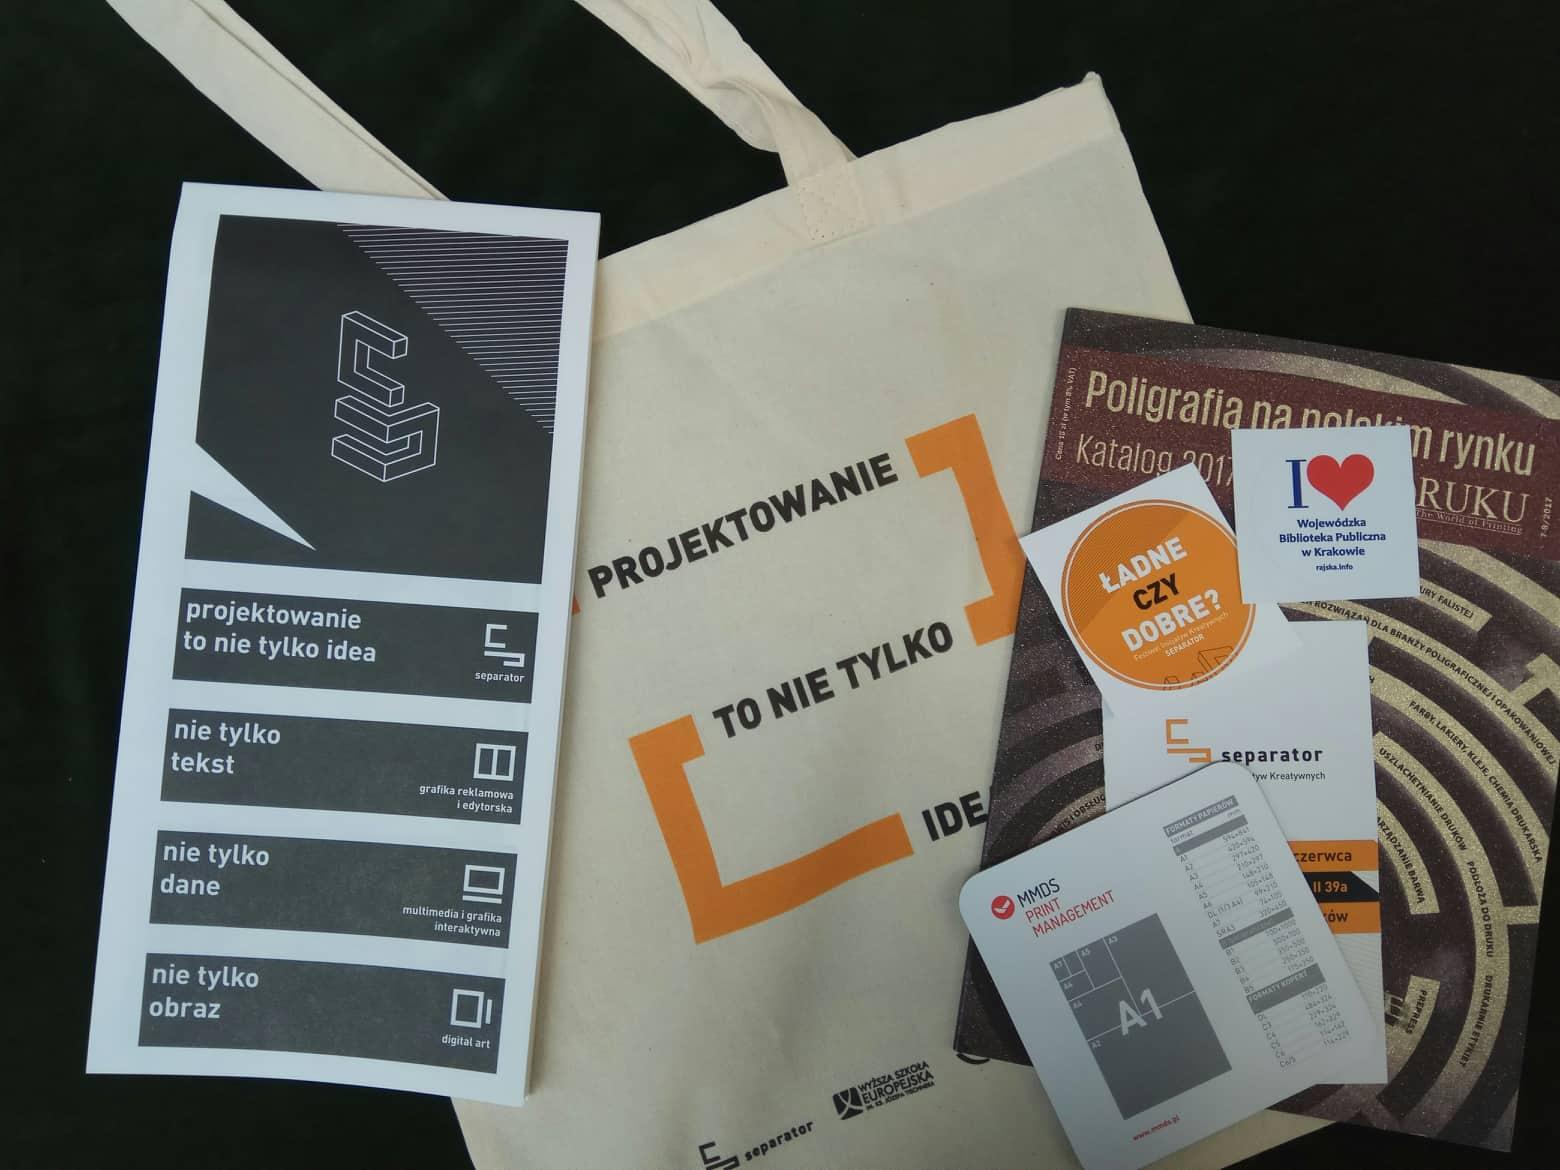 Darmowa torba płócienna oraz Prelekcje znanych osób ze świata dizajnu. KRAKÓW